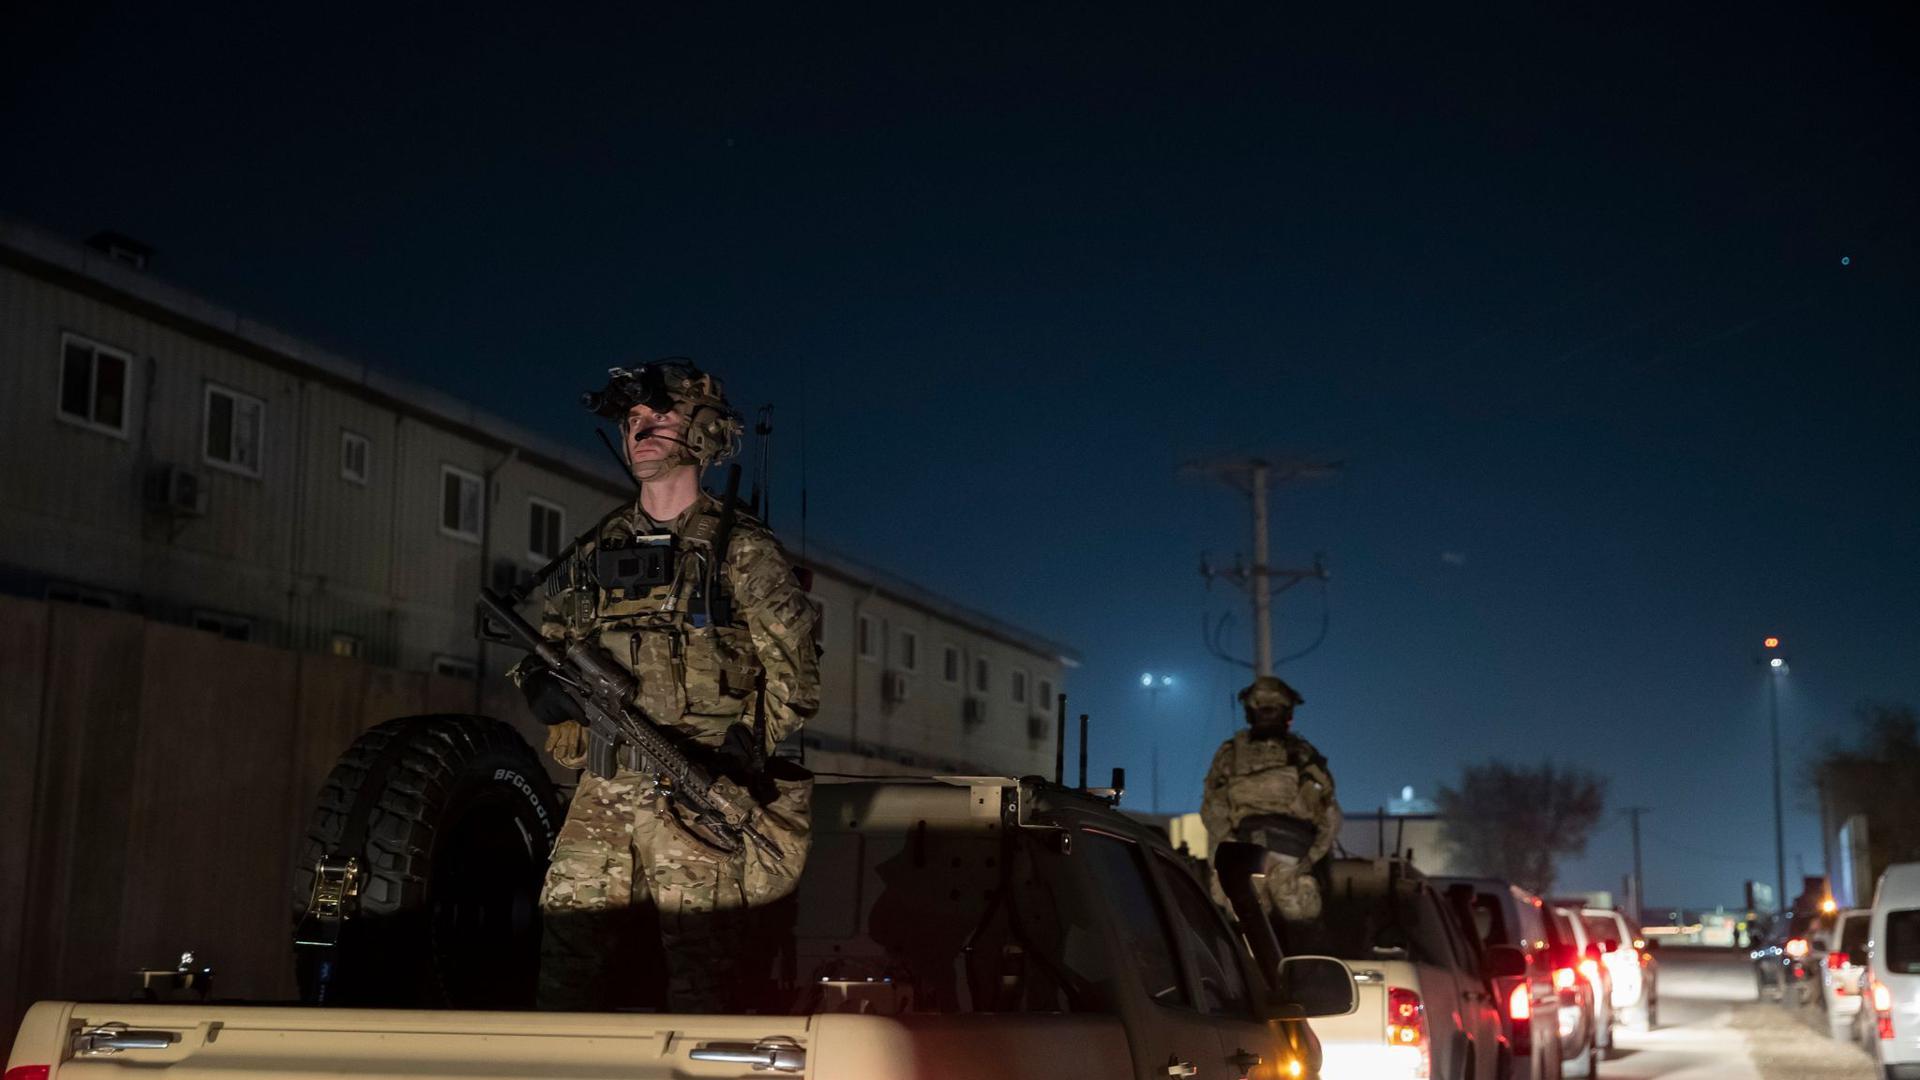 Bewaffnete US-Soldaten bei einem Überraschungsbesuch des US-Ex-Präsidenten Donald Trump in Bagram Air Field. Laut Regierungskreisen plant US-Präsident Biden den Abzug aus Afghanistan bis zum 11. September.